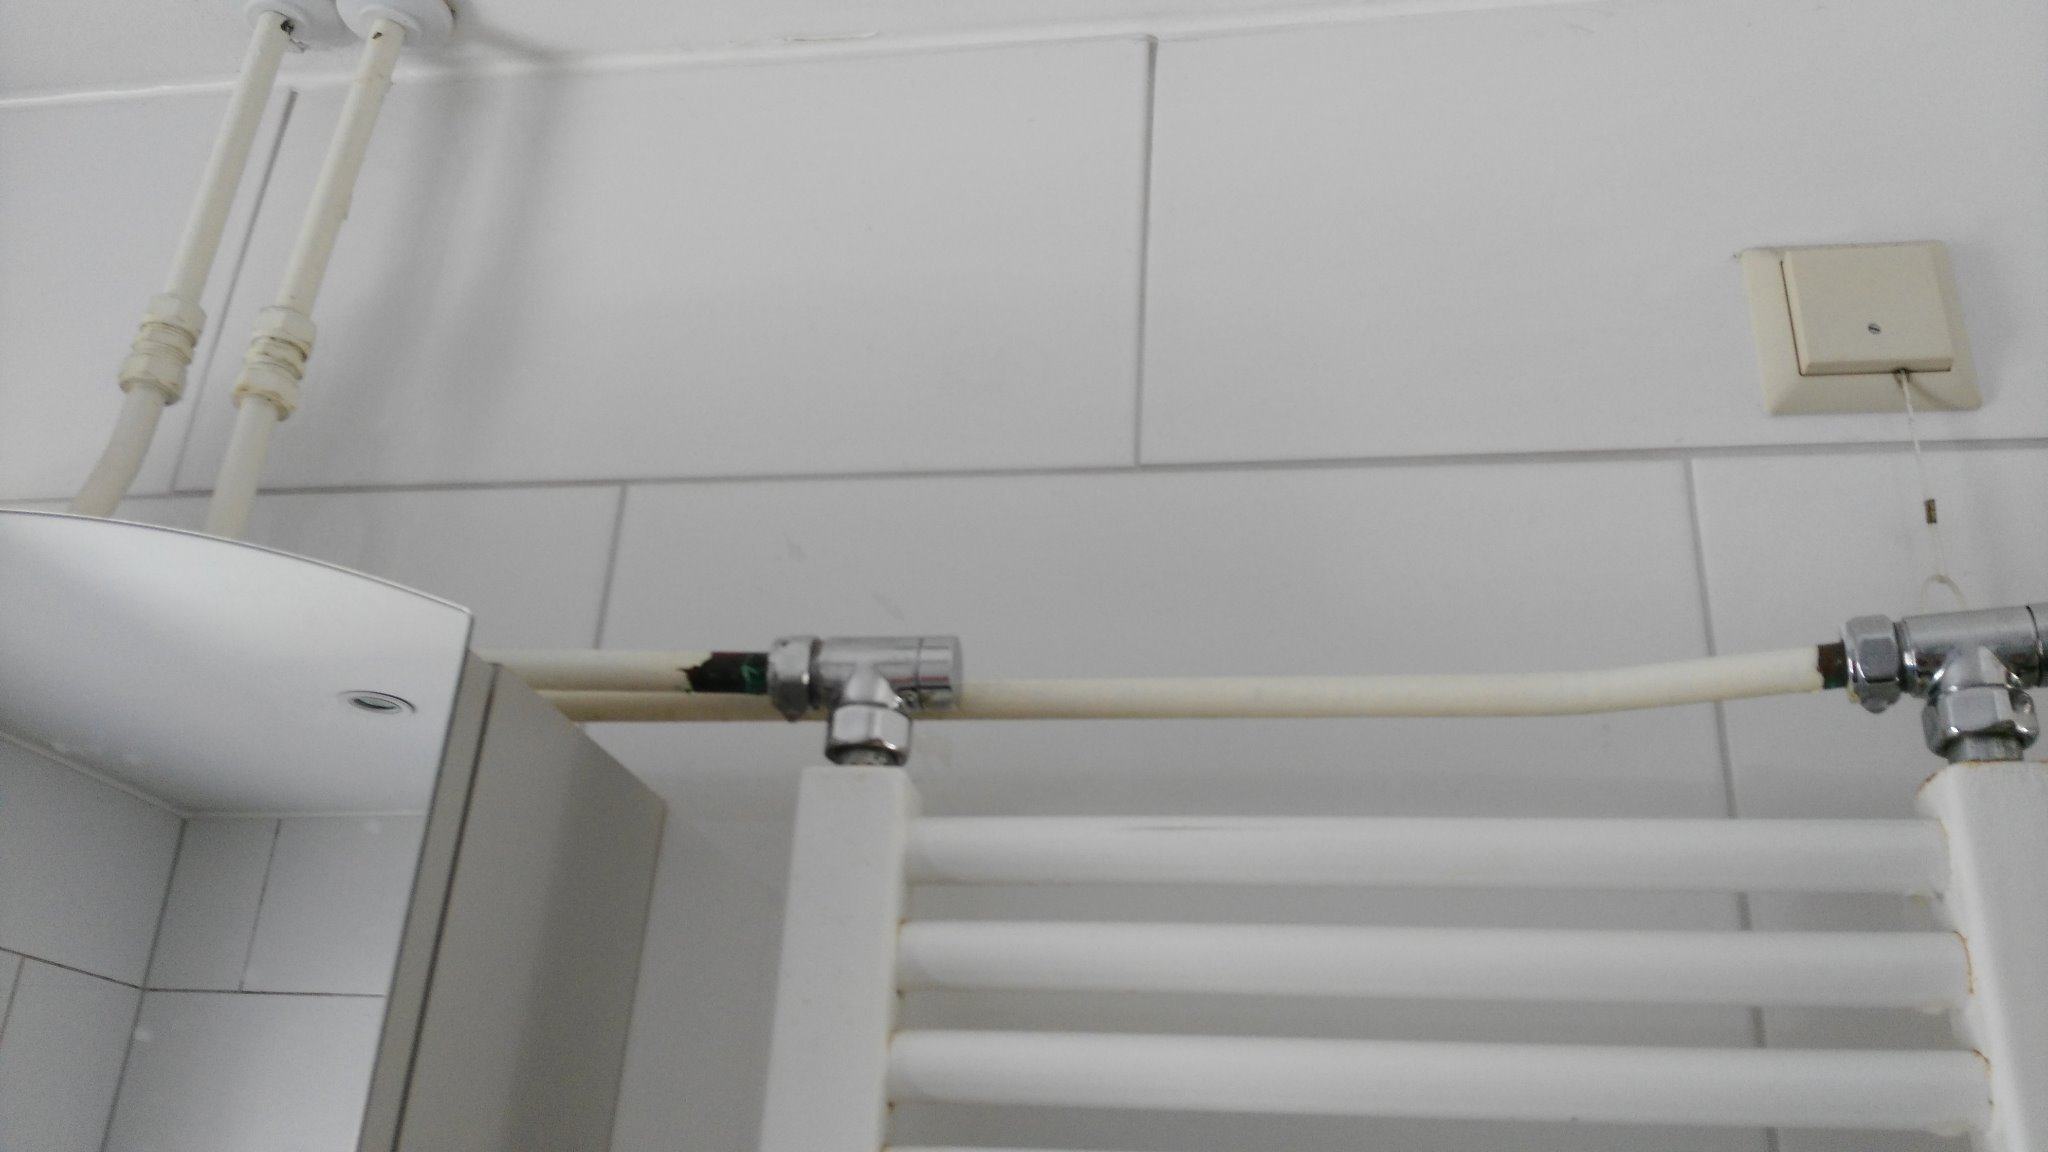 Aansluiten Radiator Badkamer : Radiator in badkamer vervangen en aansluiting leidingen